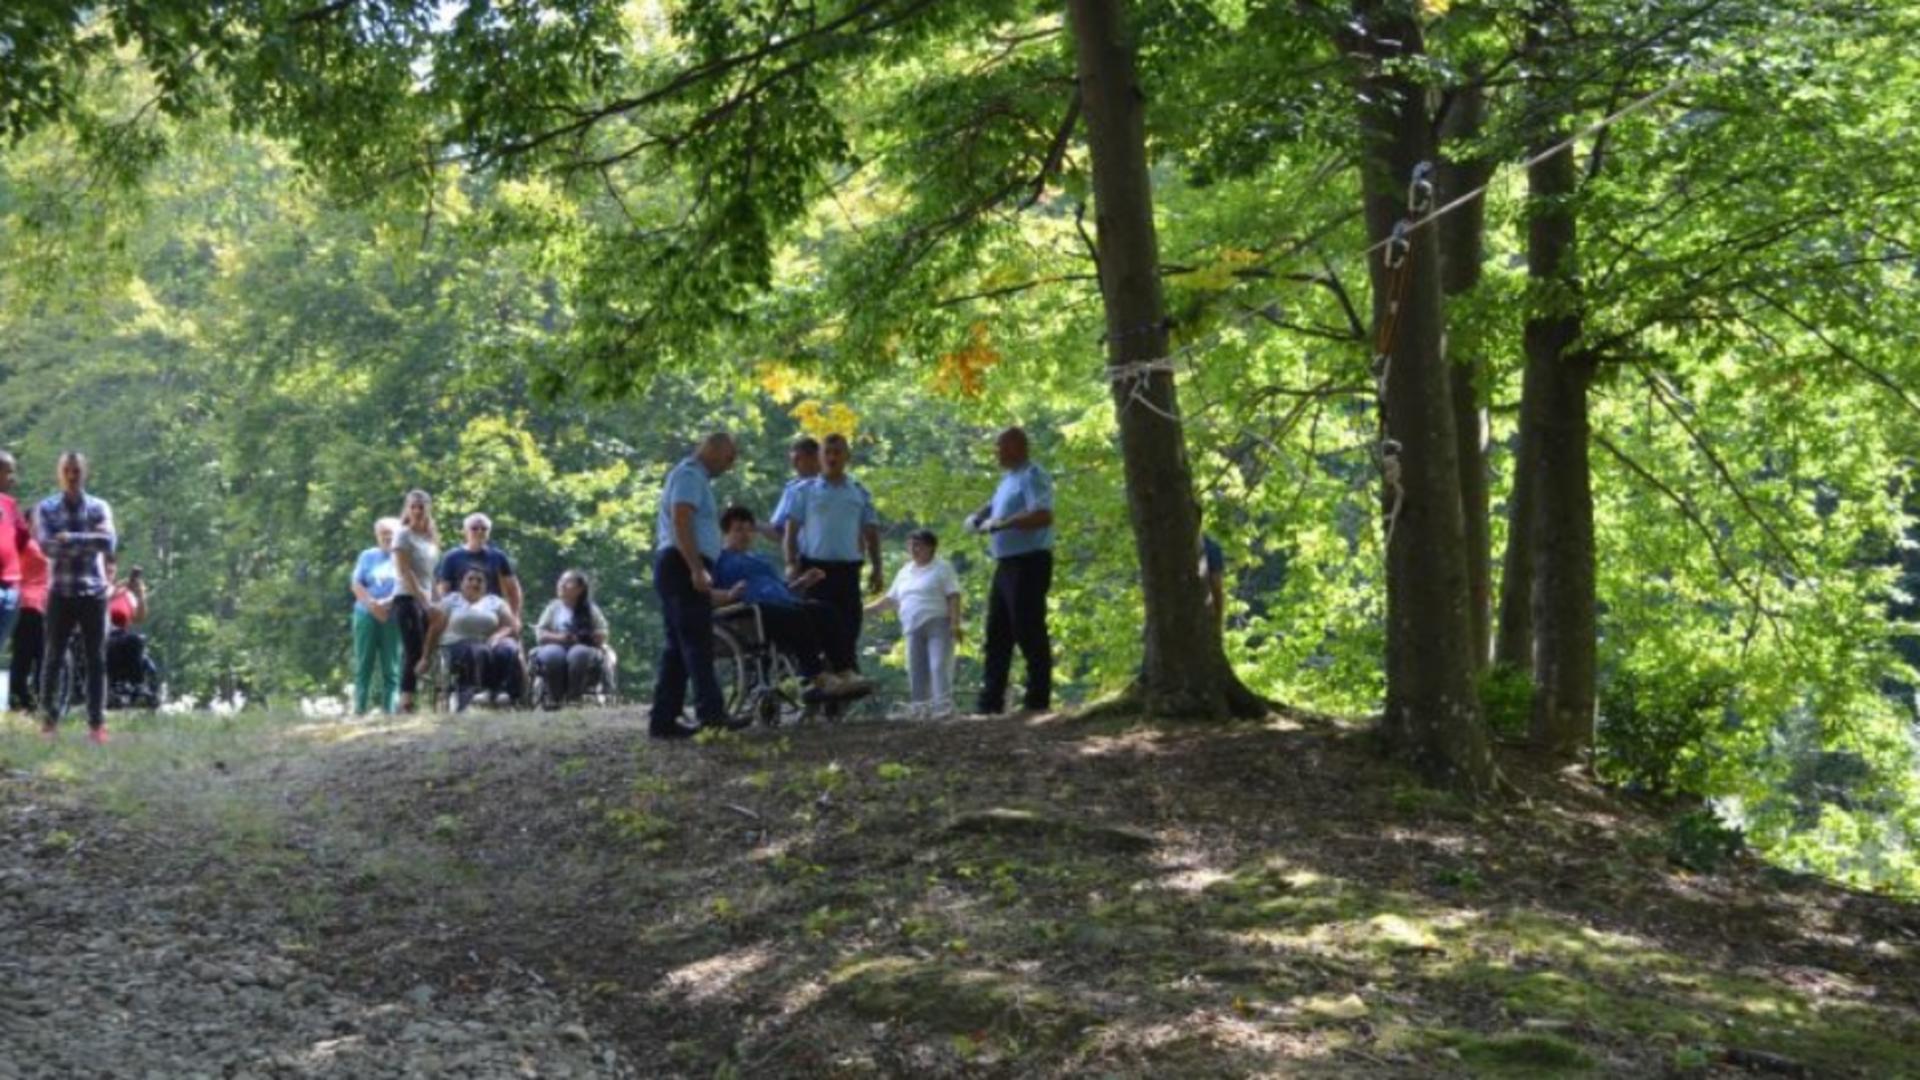 Experiență inedită pentru 17 persoane cu dizabilități, oferită de jandarmii buzoieni